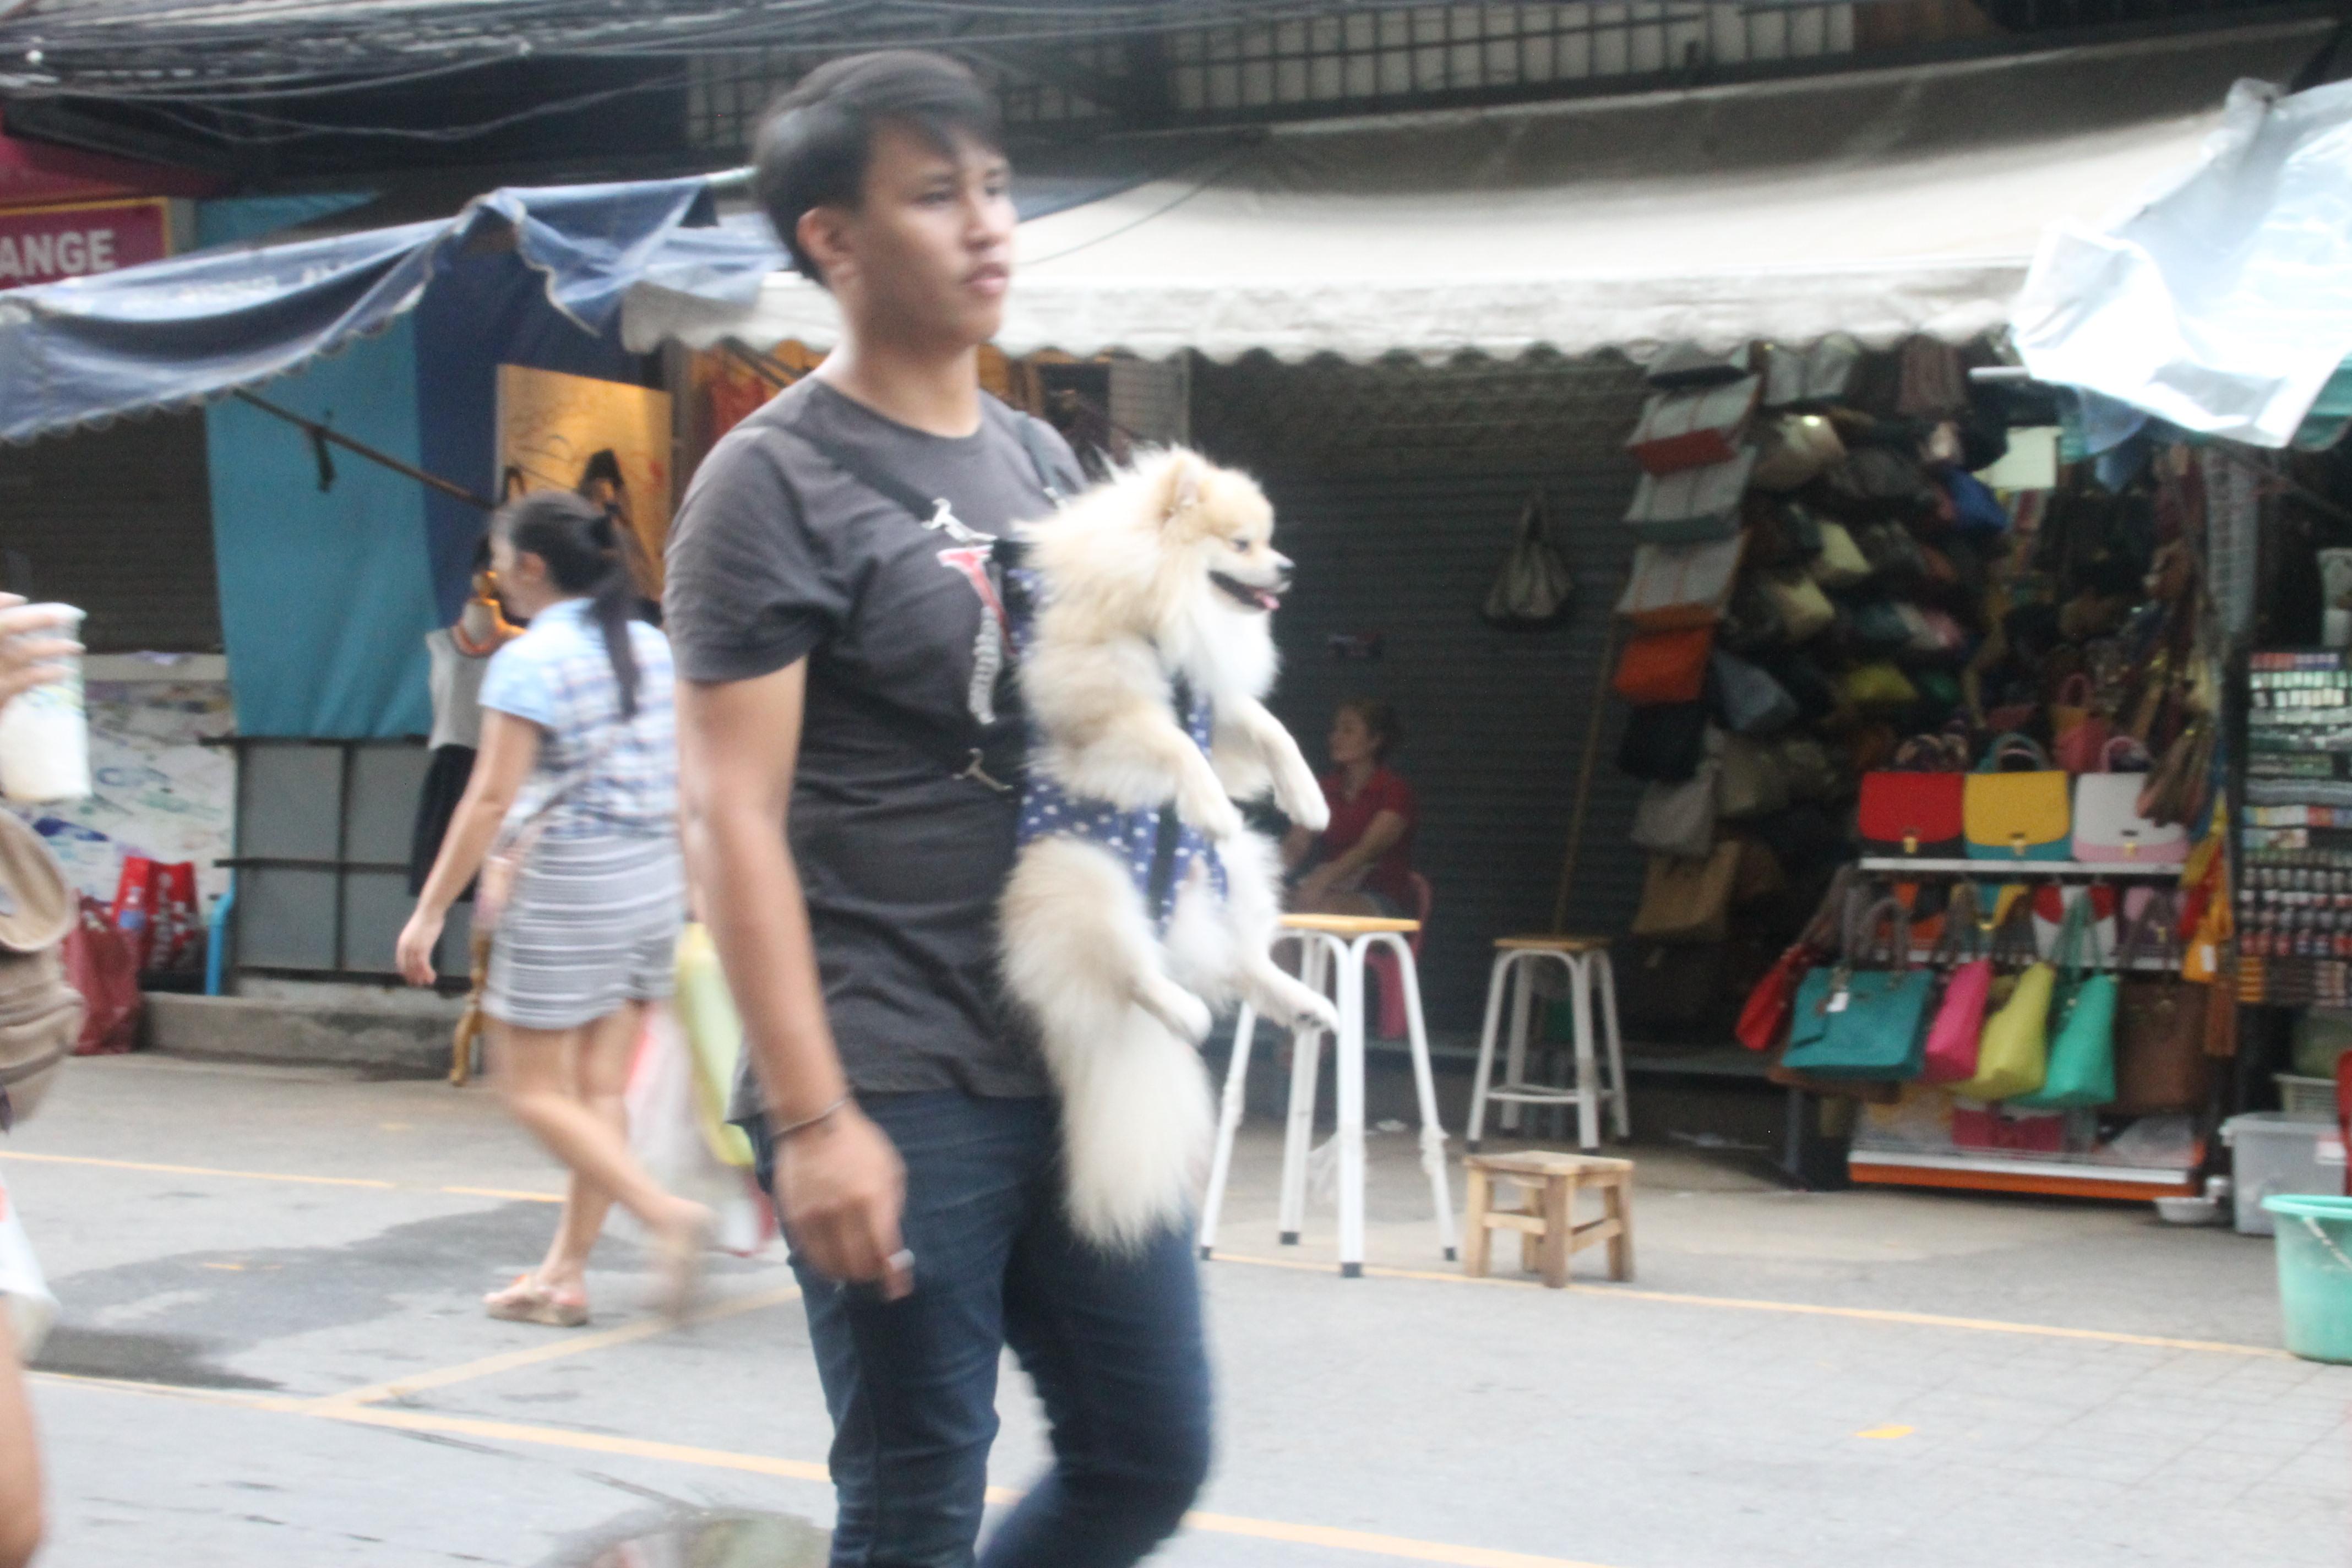 Gassigehen auf thailändisch, ich frage mich nur ob sich der Typ dann an den Baum stellt wenn sein kleiner mal muss.